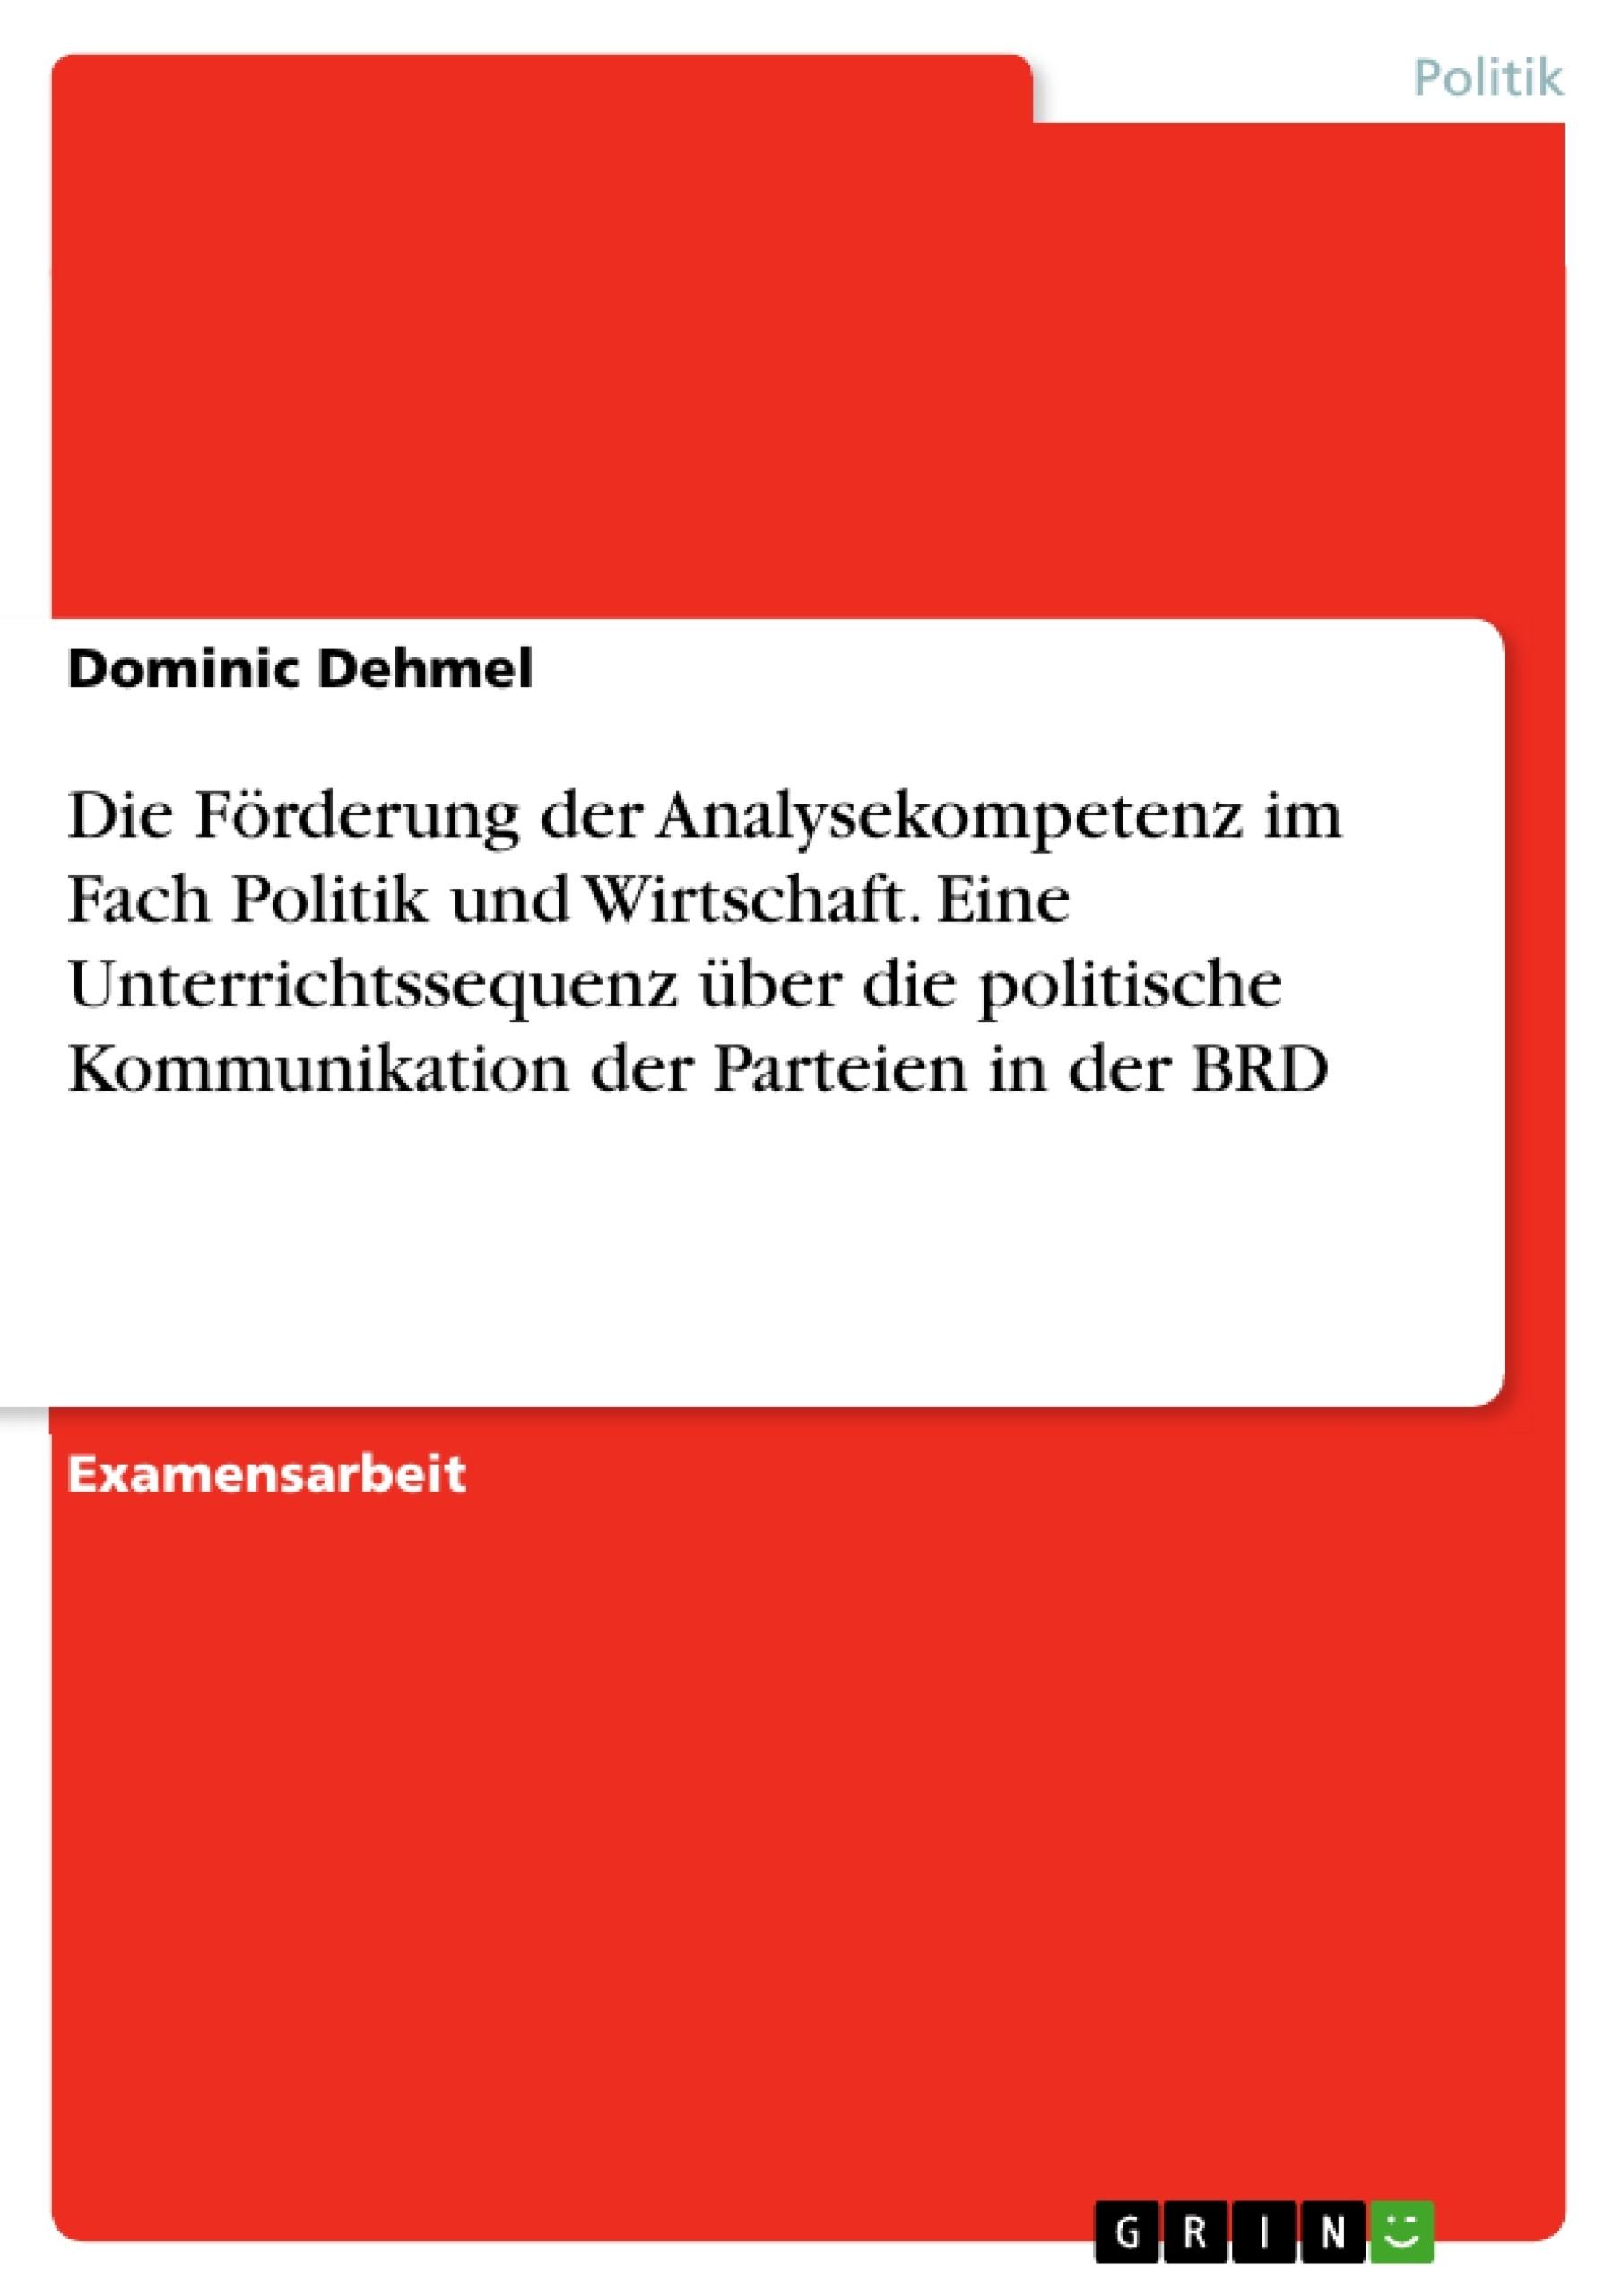 Titel: Die Förderung der Analysekompetenz im Fach Politik und Wirtschaft. Eine Unterrichtssequenz über die politische Kommunikation der Parteien in der BRD